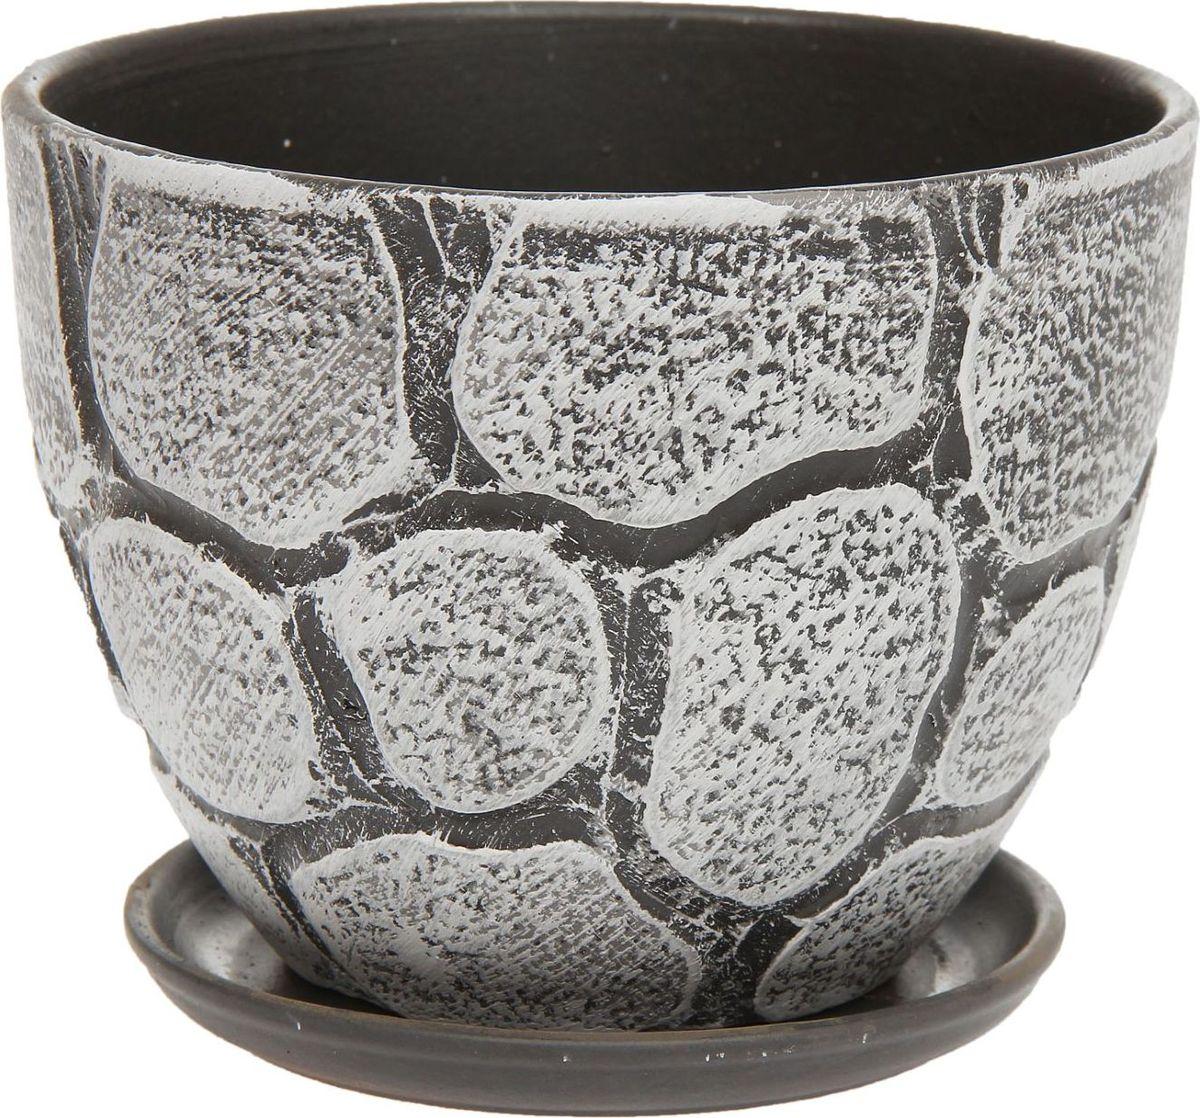 Кашпо Камушки, 1,1 л1138601Комнатные растения — всеобщие любимцы. Они радуют глаз, насыщают помещение кислородом и украшают пространство. Каждому из них необходим свой удобный и красивый дом. Кашпо из керамики прекрасно подходят для высадки растений: за счёт пластичности глины и разных способов обработки существует великое множество форм и дизайновпористый материал позволяет испаряться лишней влагевоздух, необходимый для дыхания корней, проникает сквозь керамические стенки! #name# позаботится о зелёном питомце, освежит интерьер и подчеркнёт его стиль.